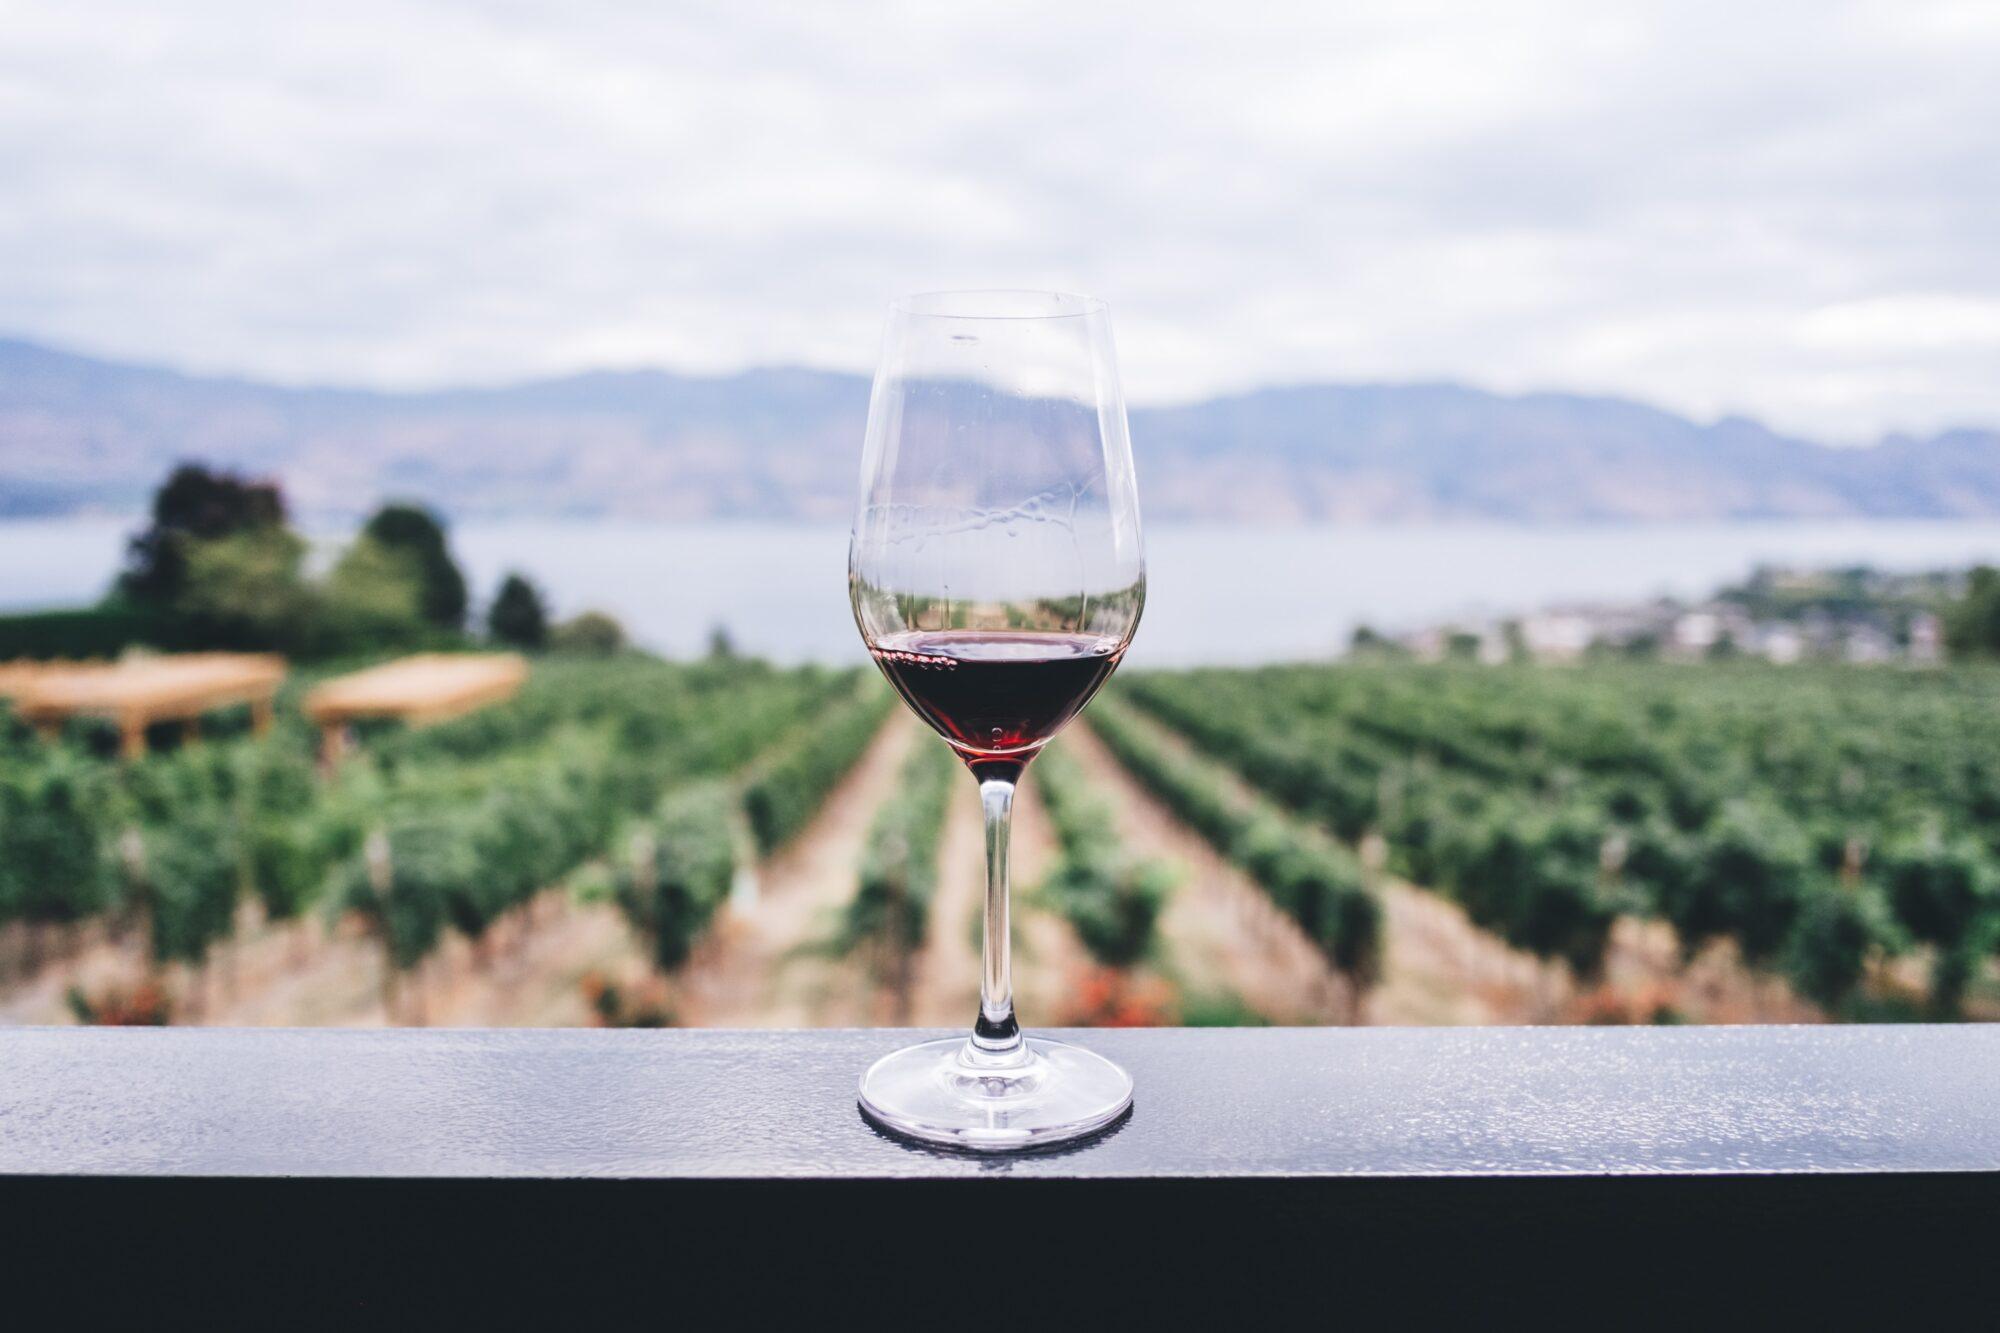 Derfor skal du vælge en flaske fransk vin